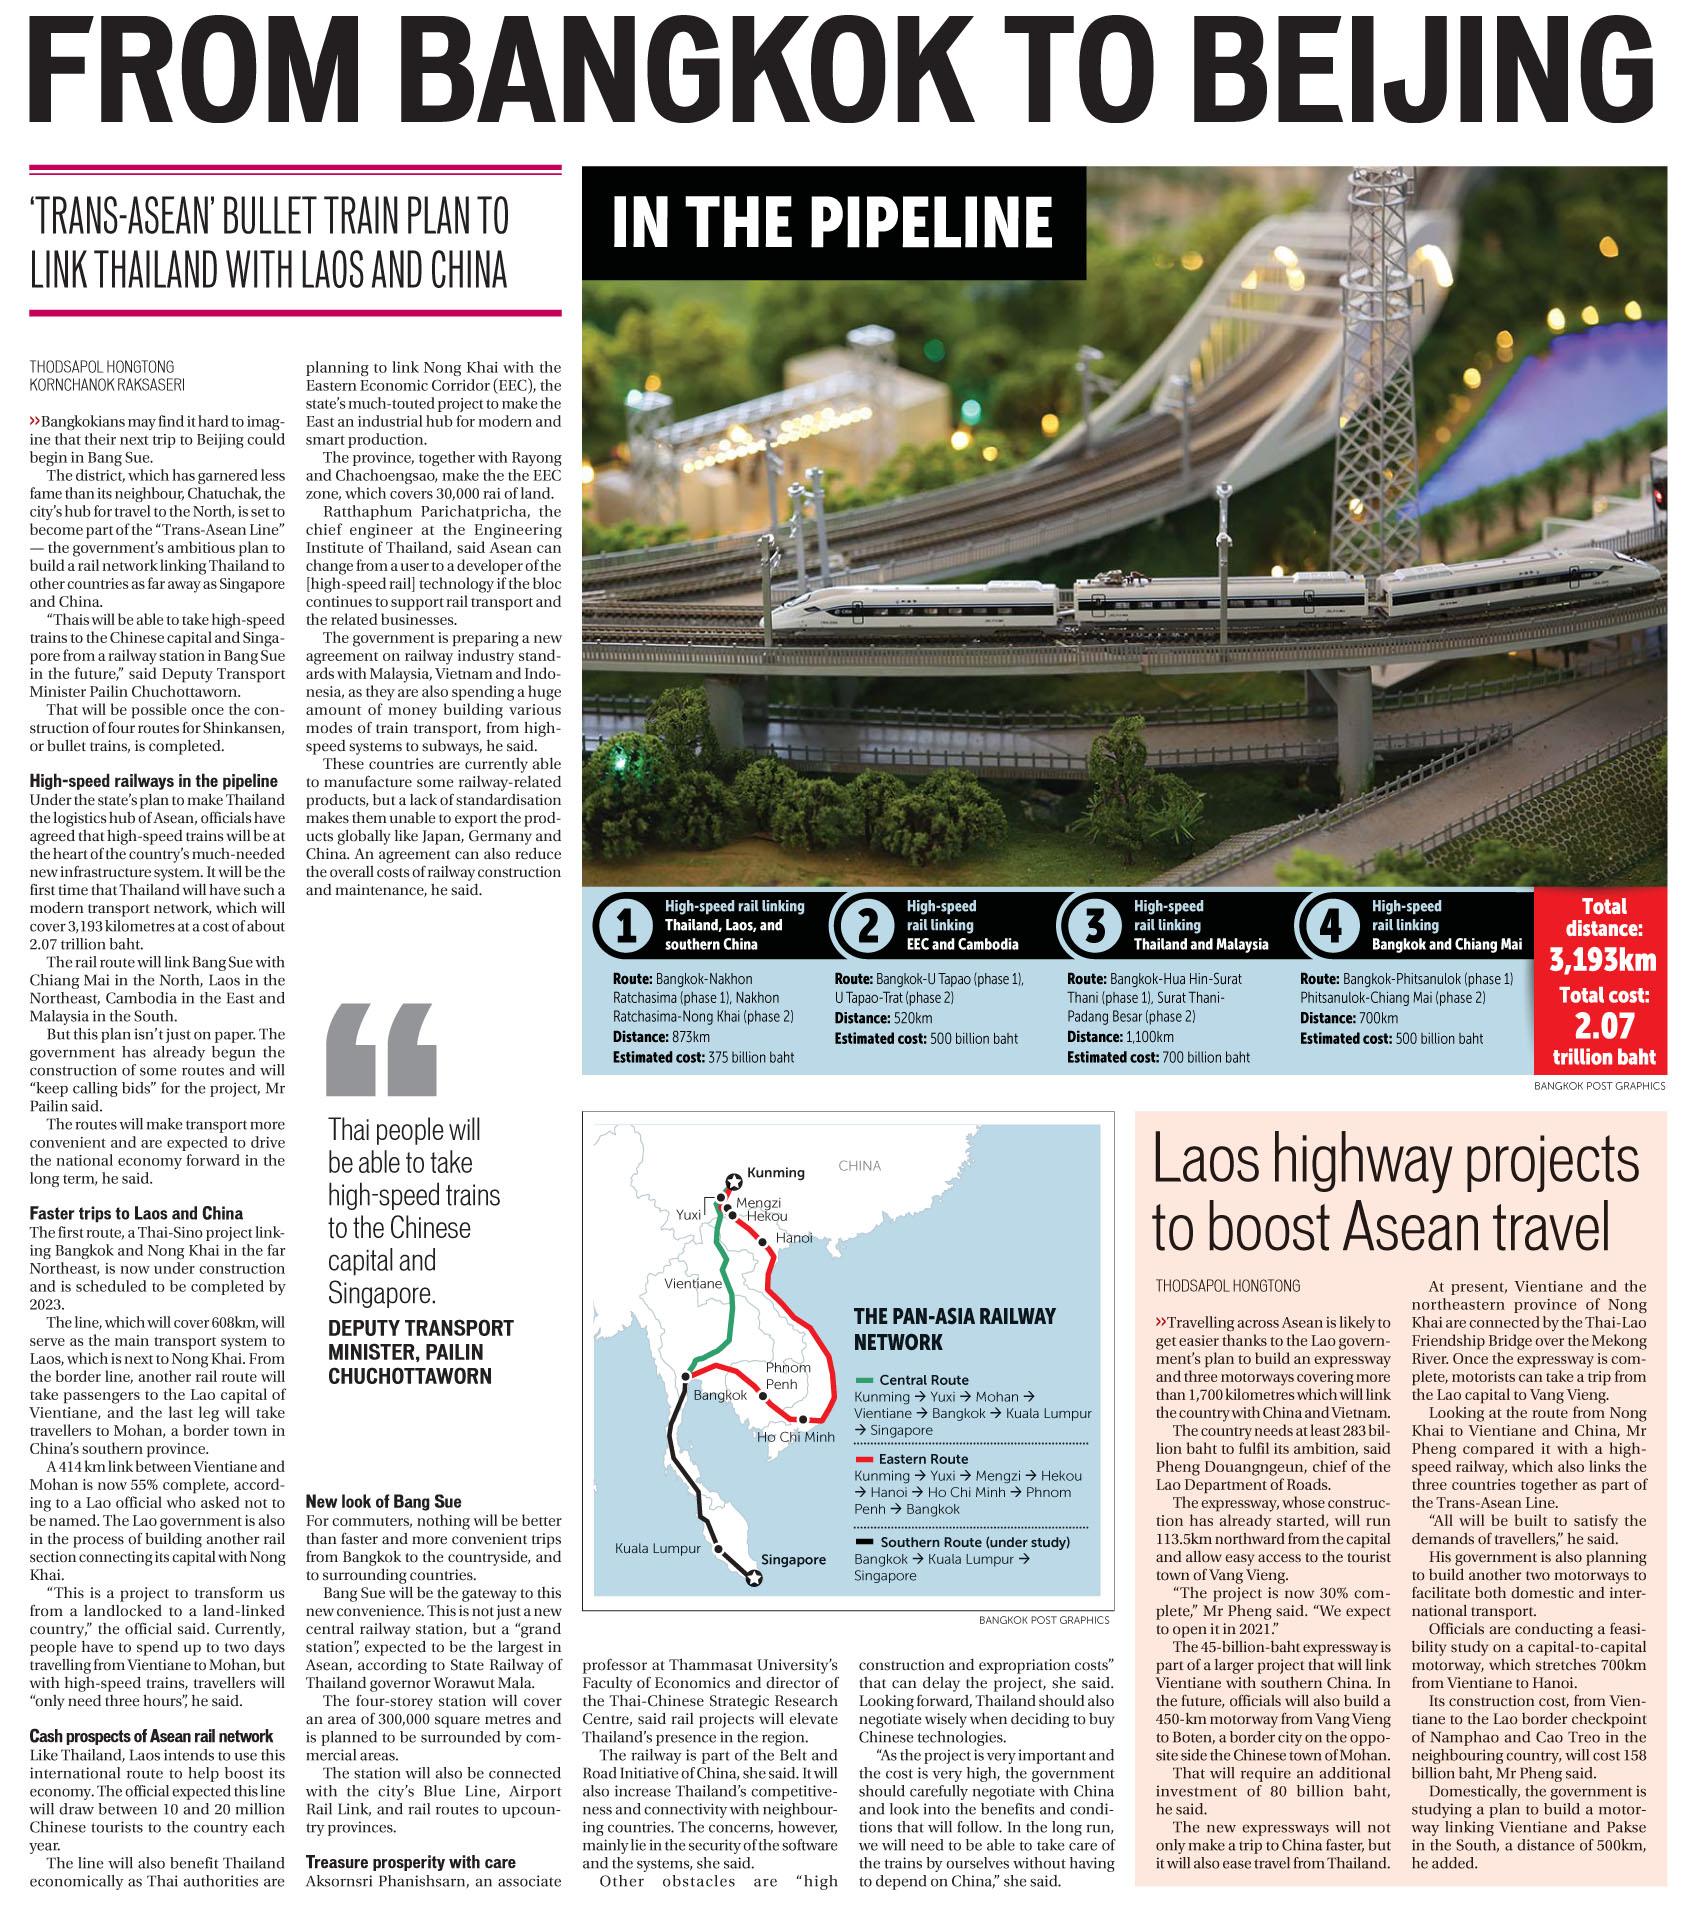 Bangkok Post 2019-07-07 Rail.jpg